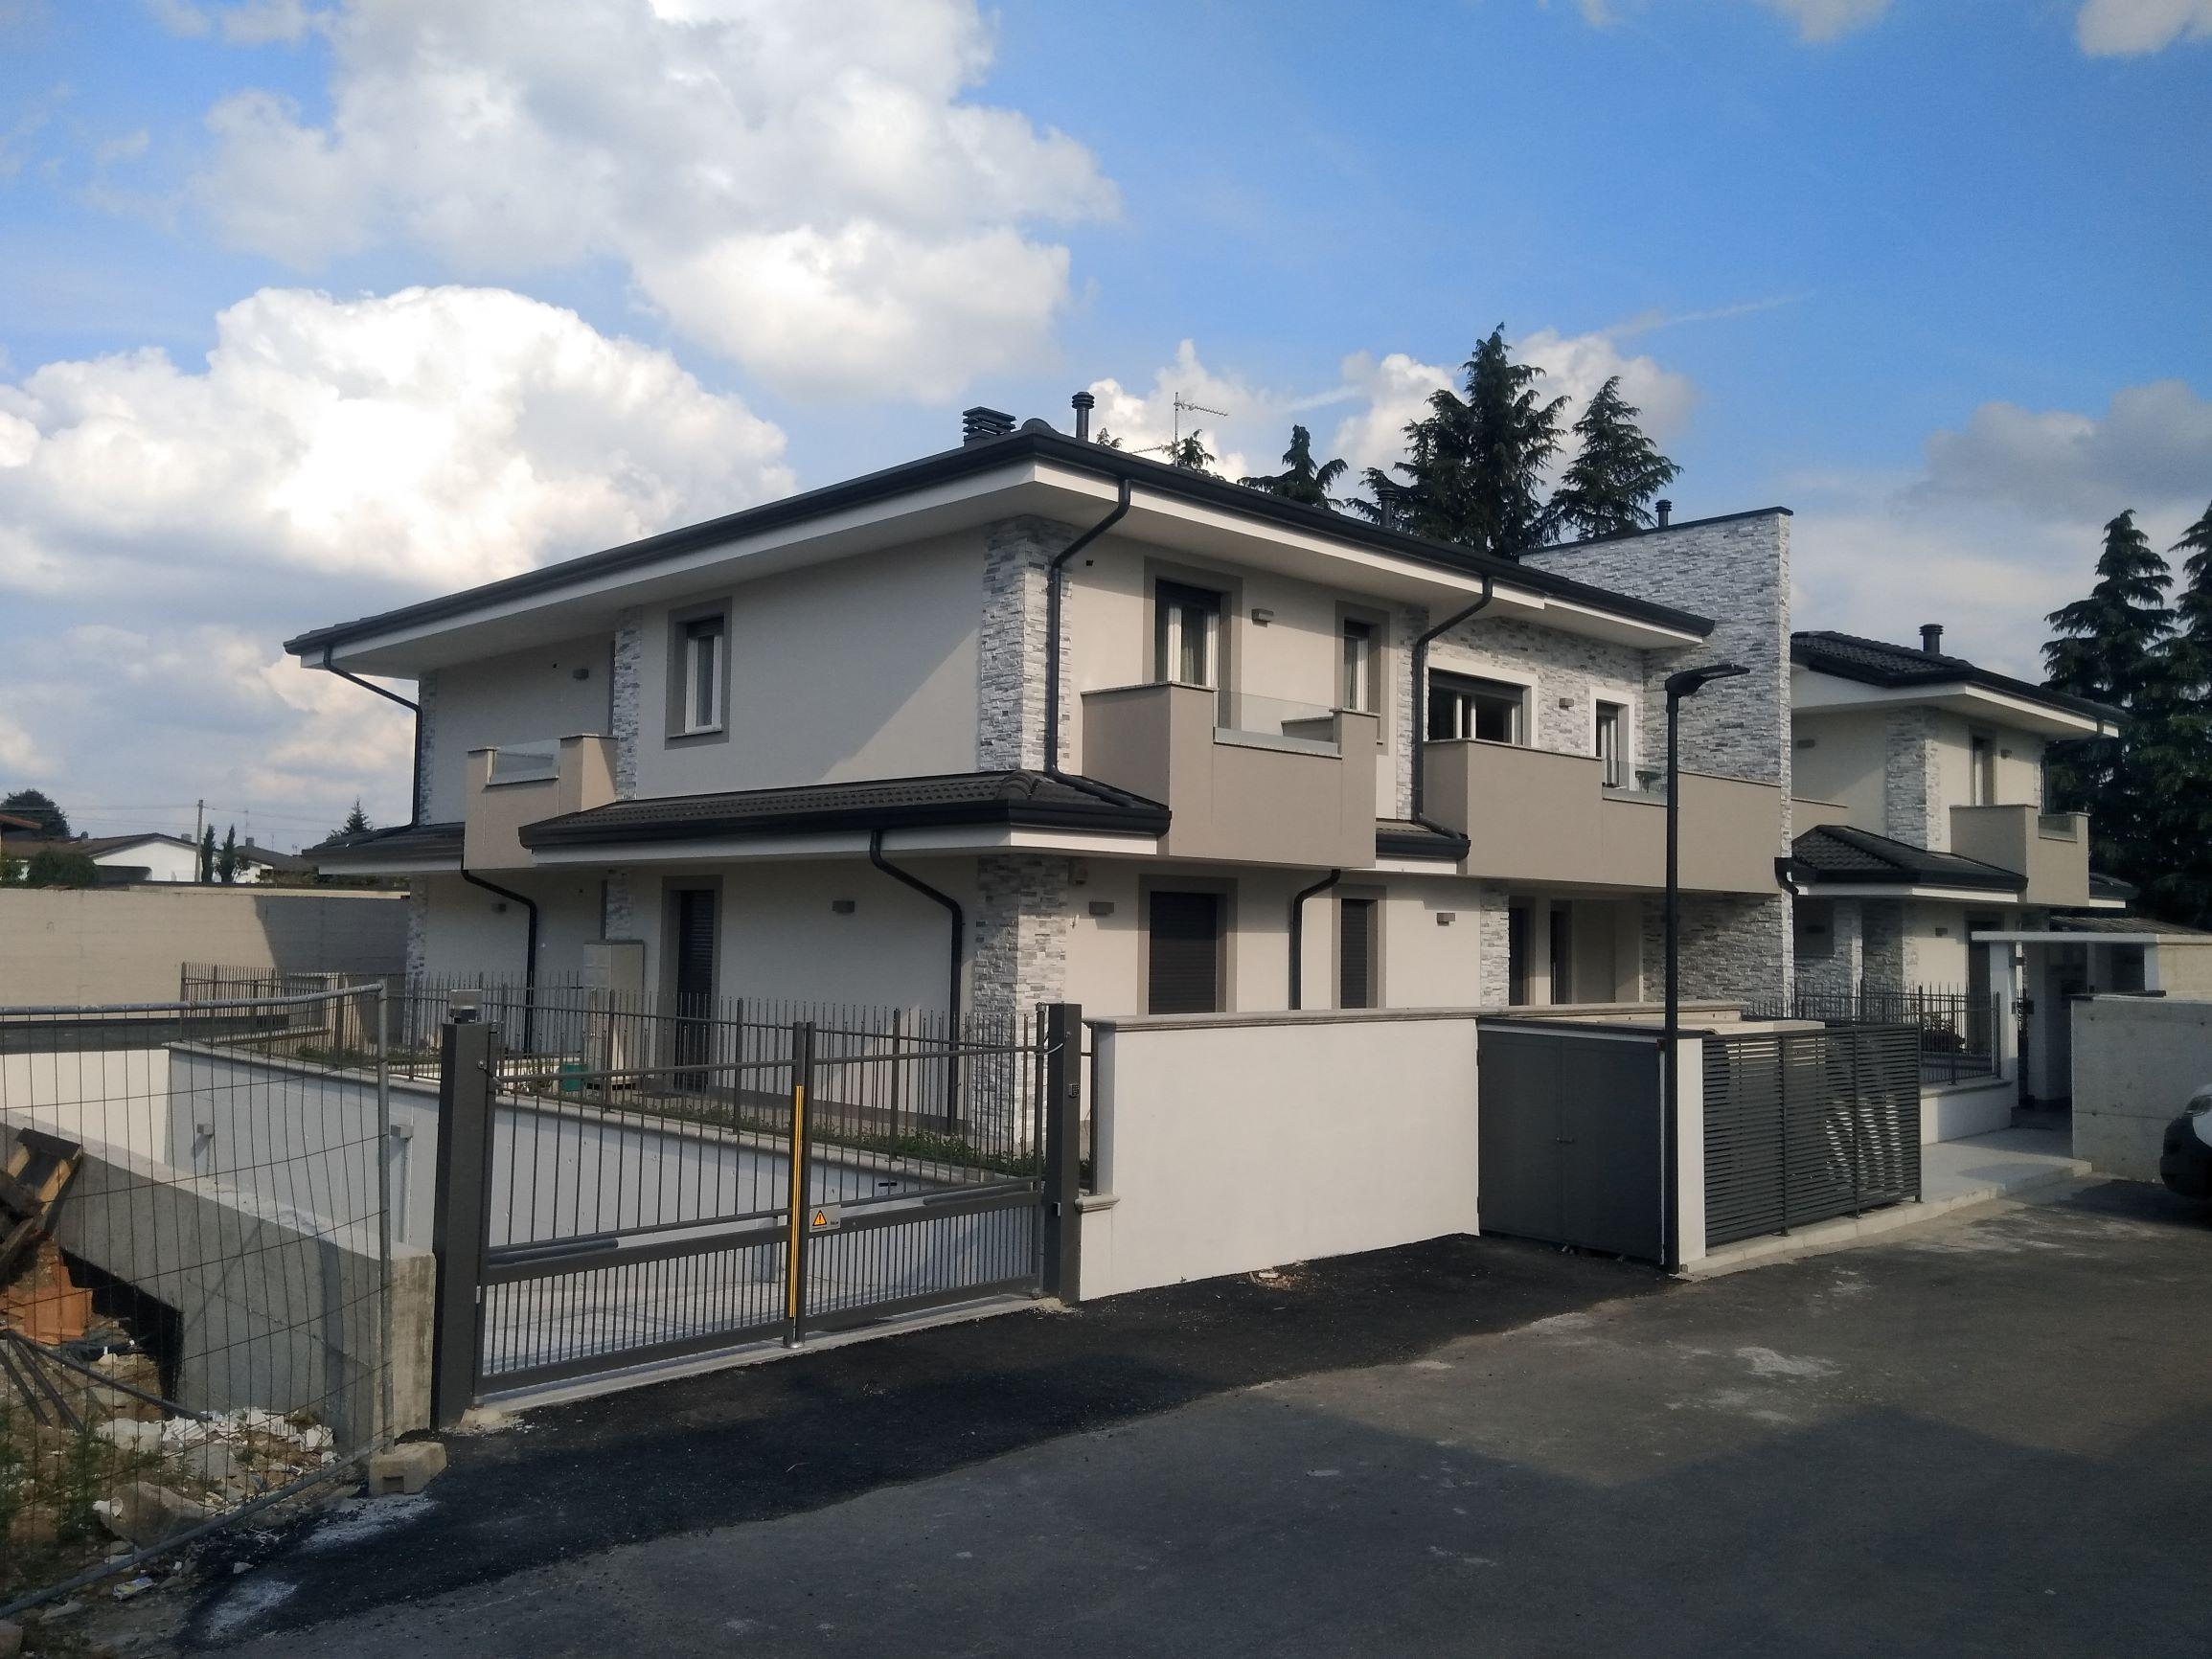 Appartamenti-nuovi-in-vendita-busto-arsizio-arconate